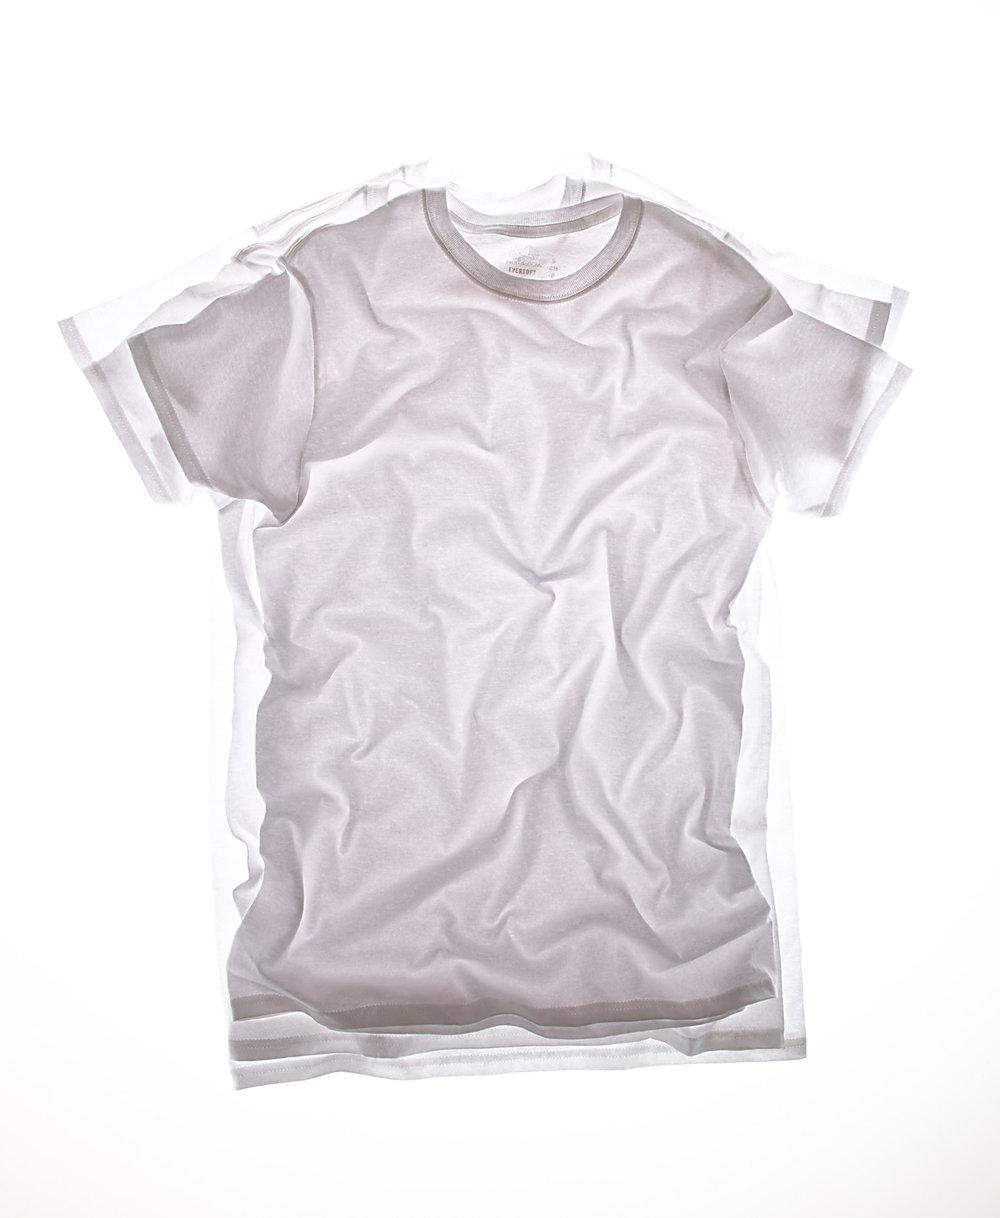 Tshirttest11111623483.jpg